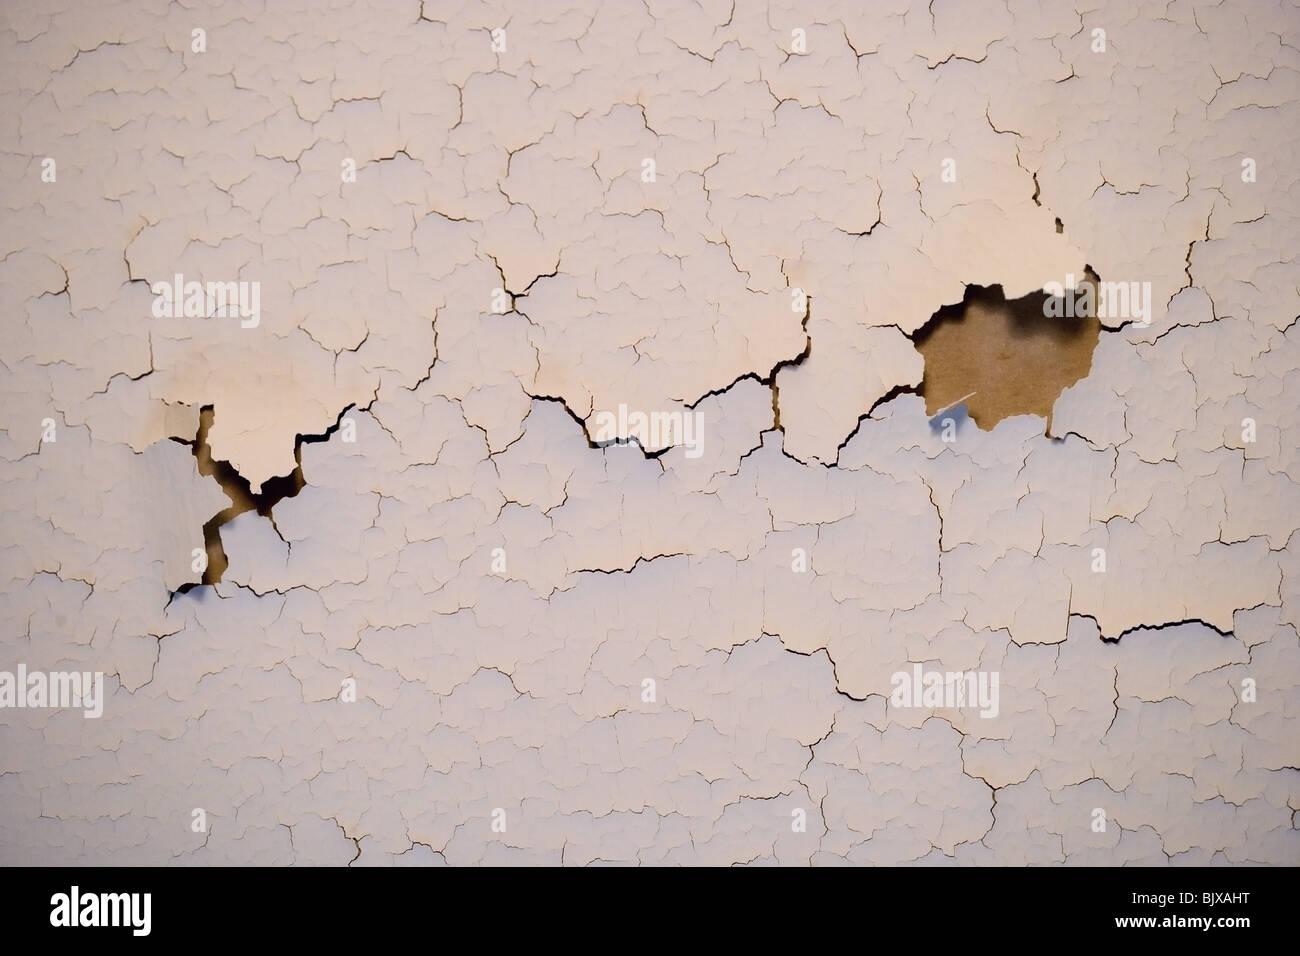 Malen Sie Krachend Auf Einer Innenwand Eines Hauses.